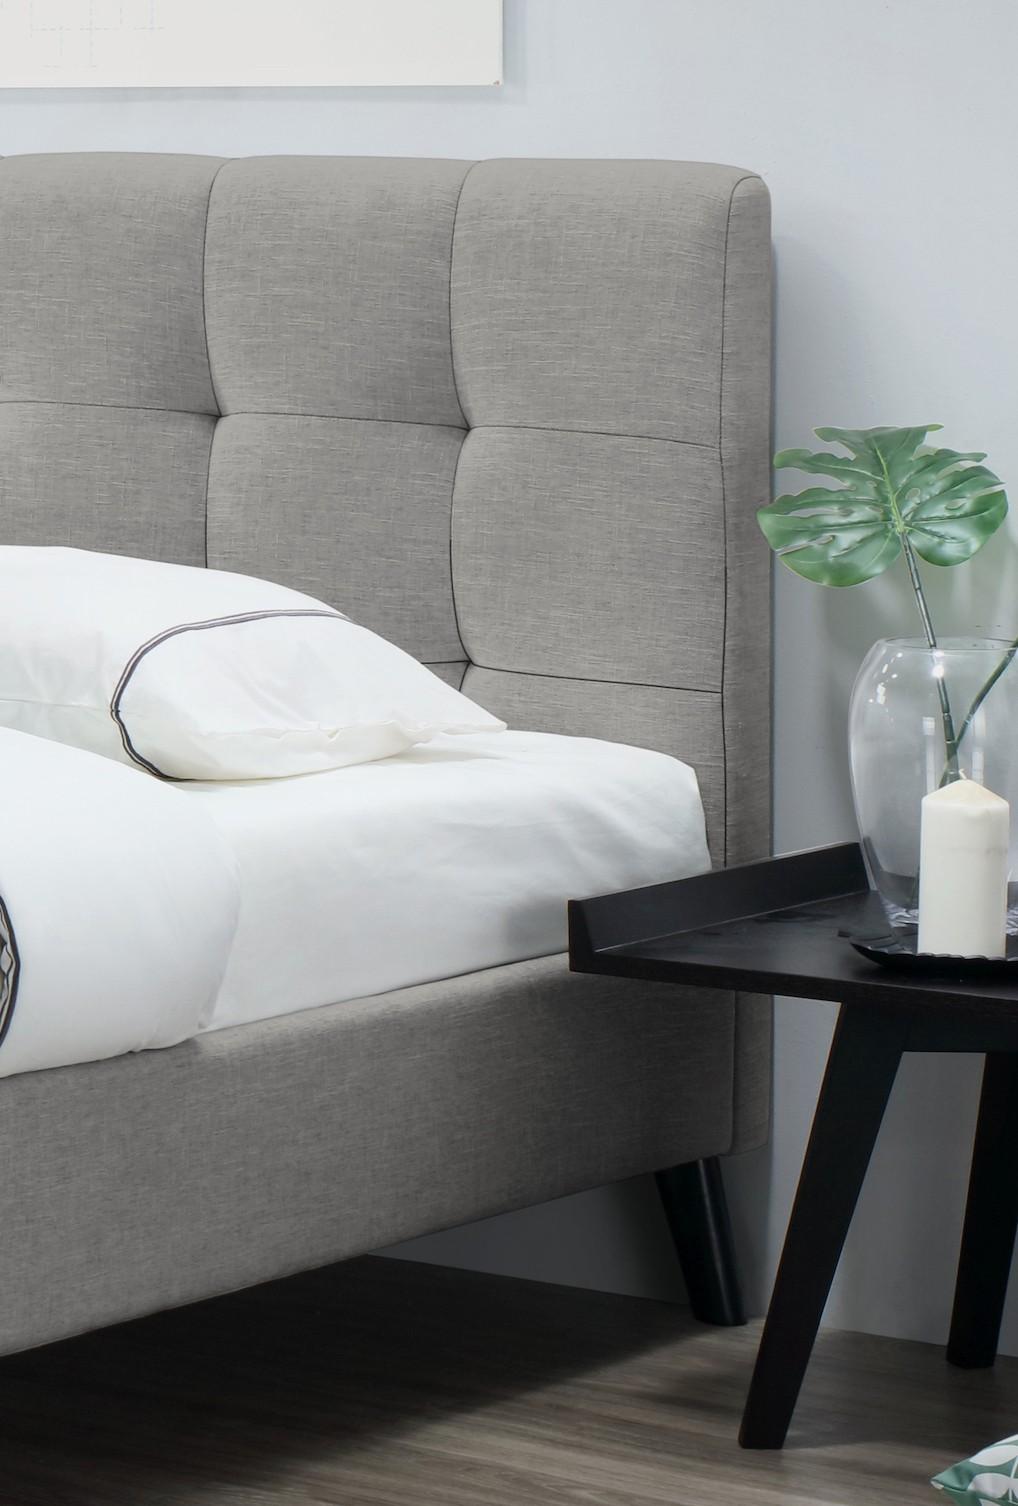 lit deux places lit adulte deux places design fleur. Black Bedroom Furniture Sets. Home Design Ideas